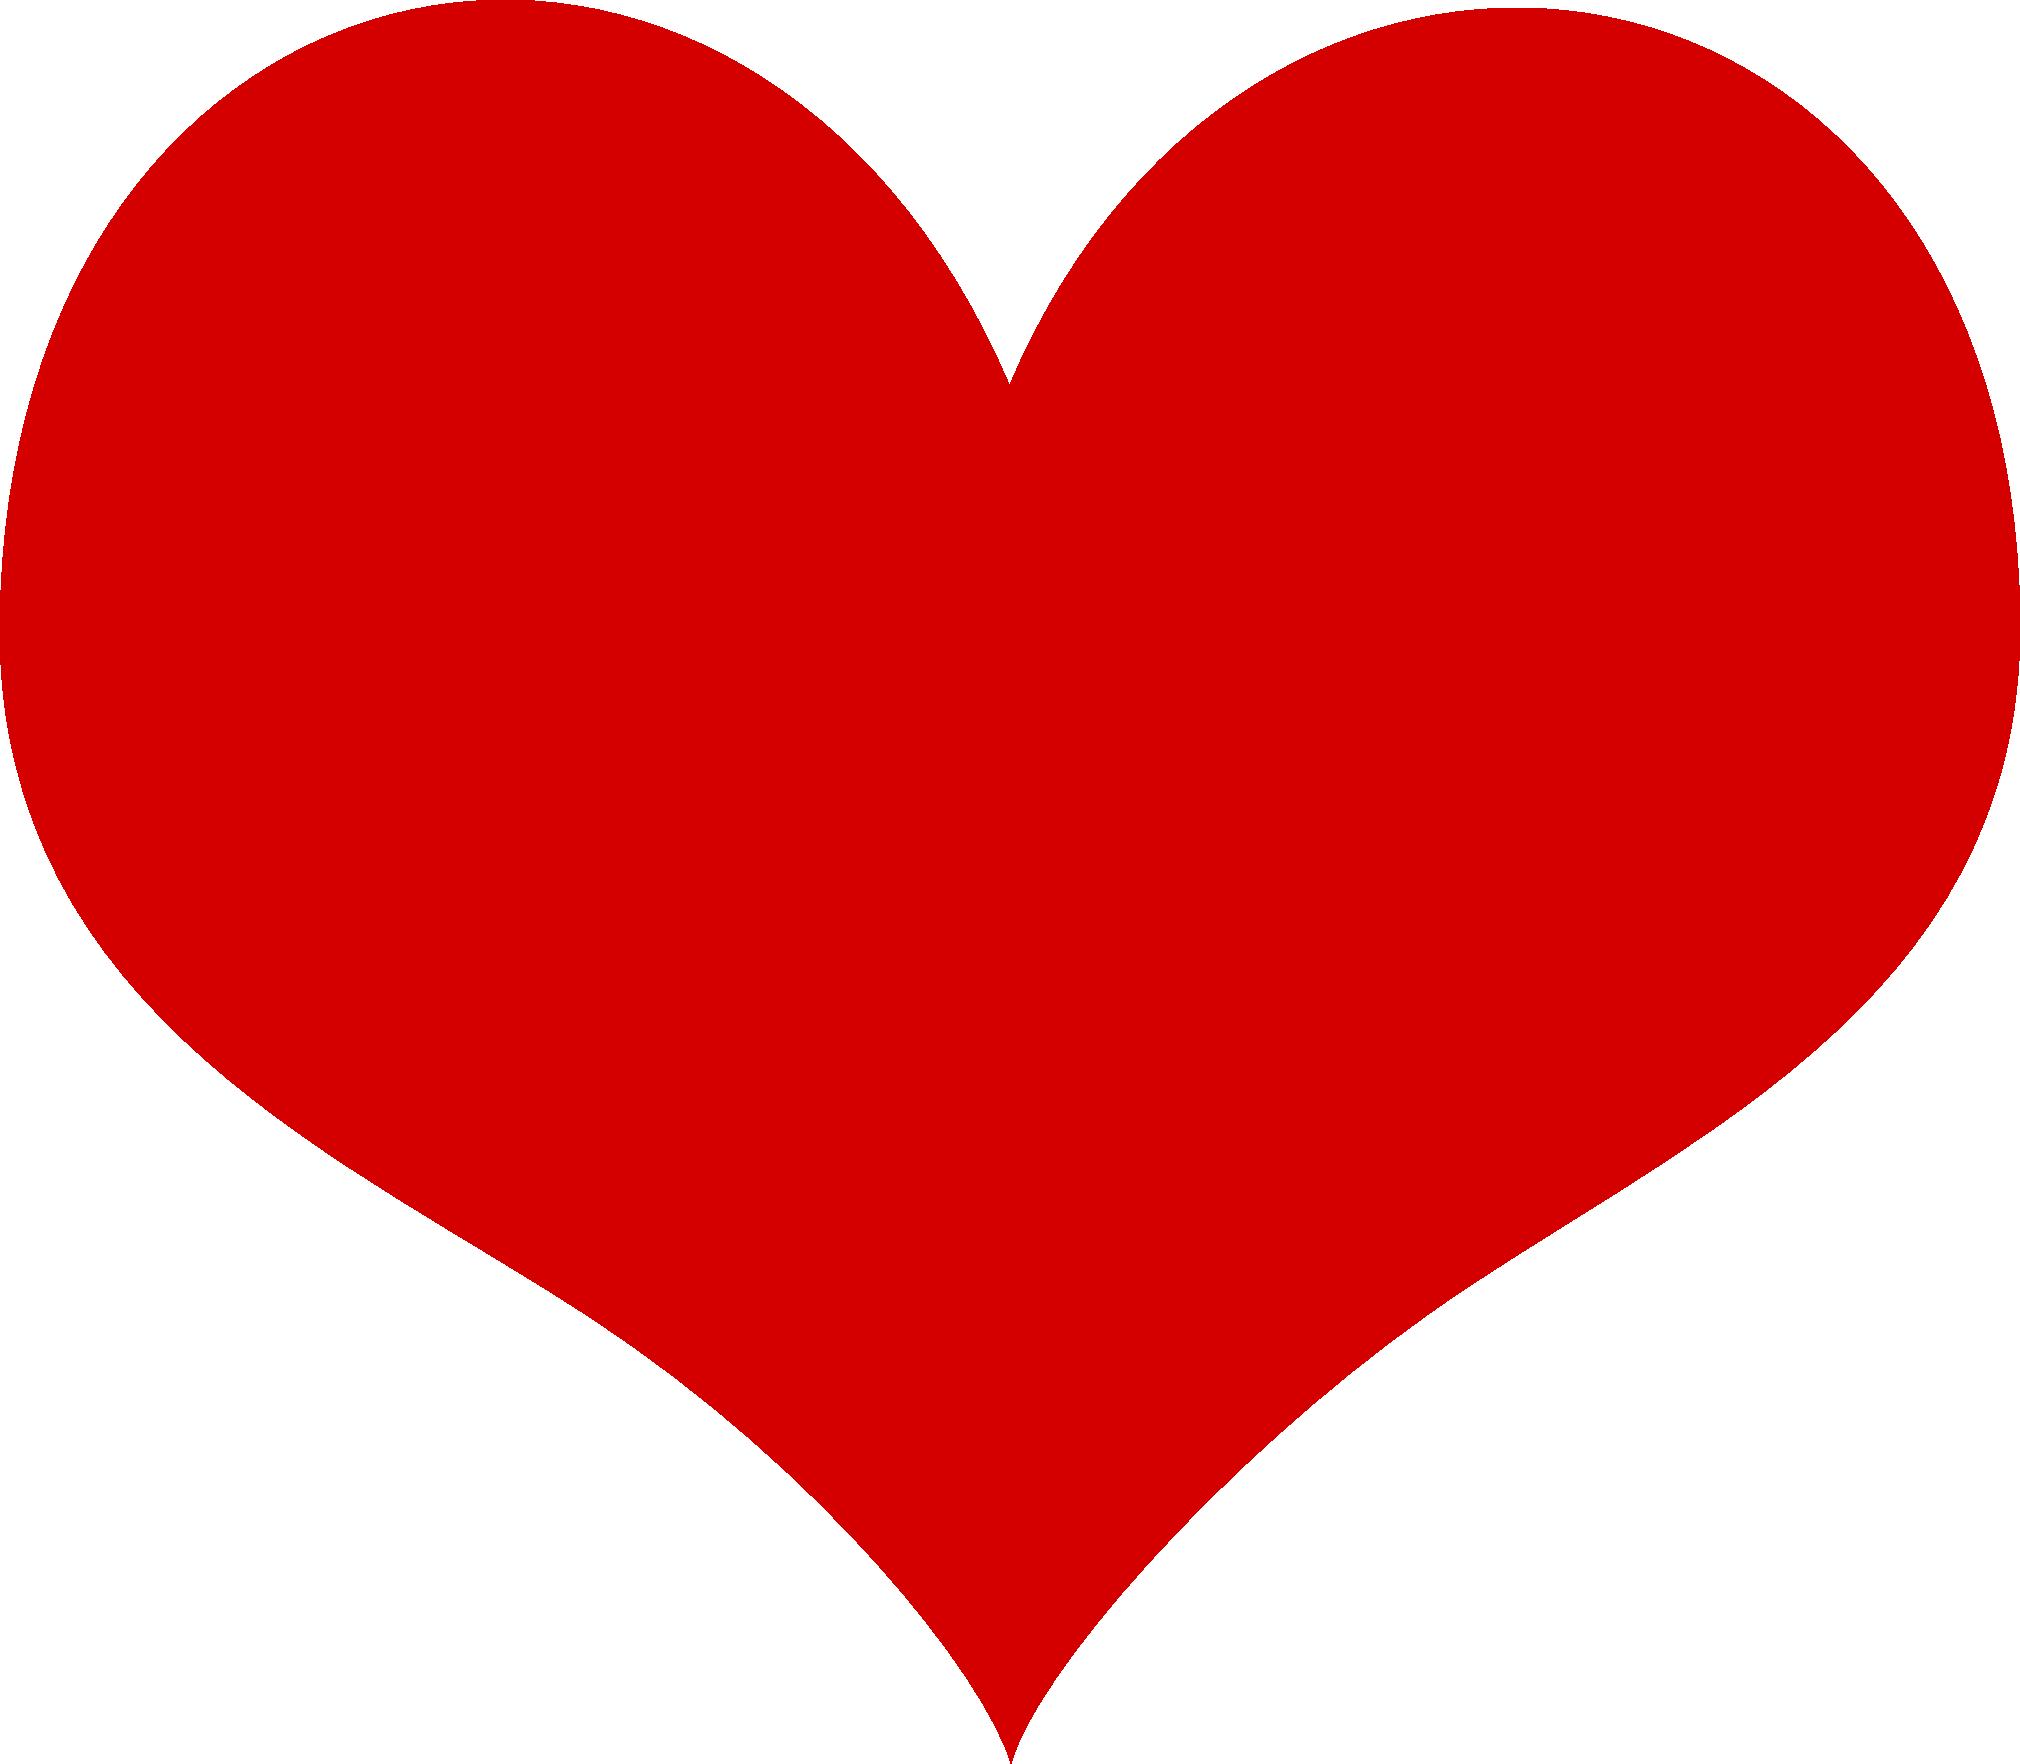 Heart Clipart-heart clipart-7